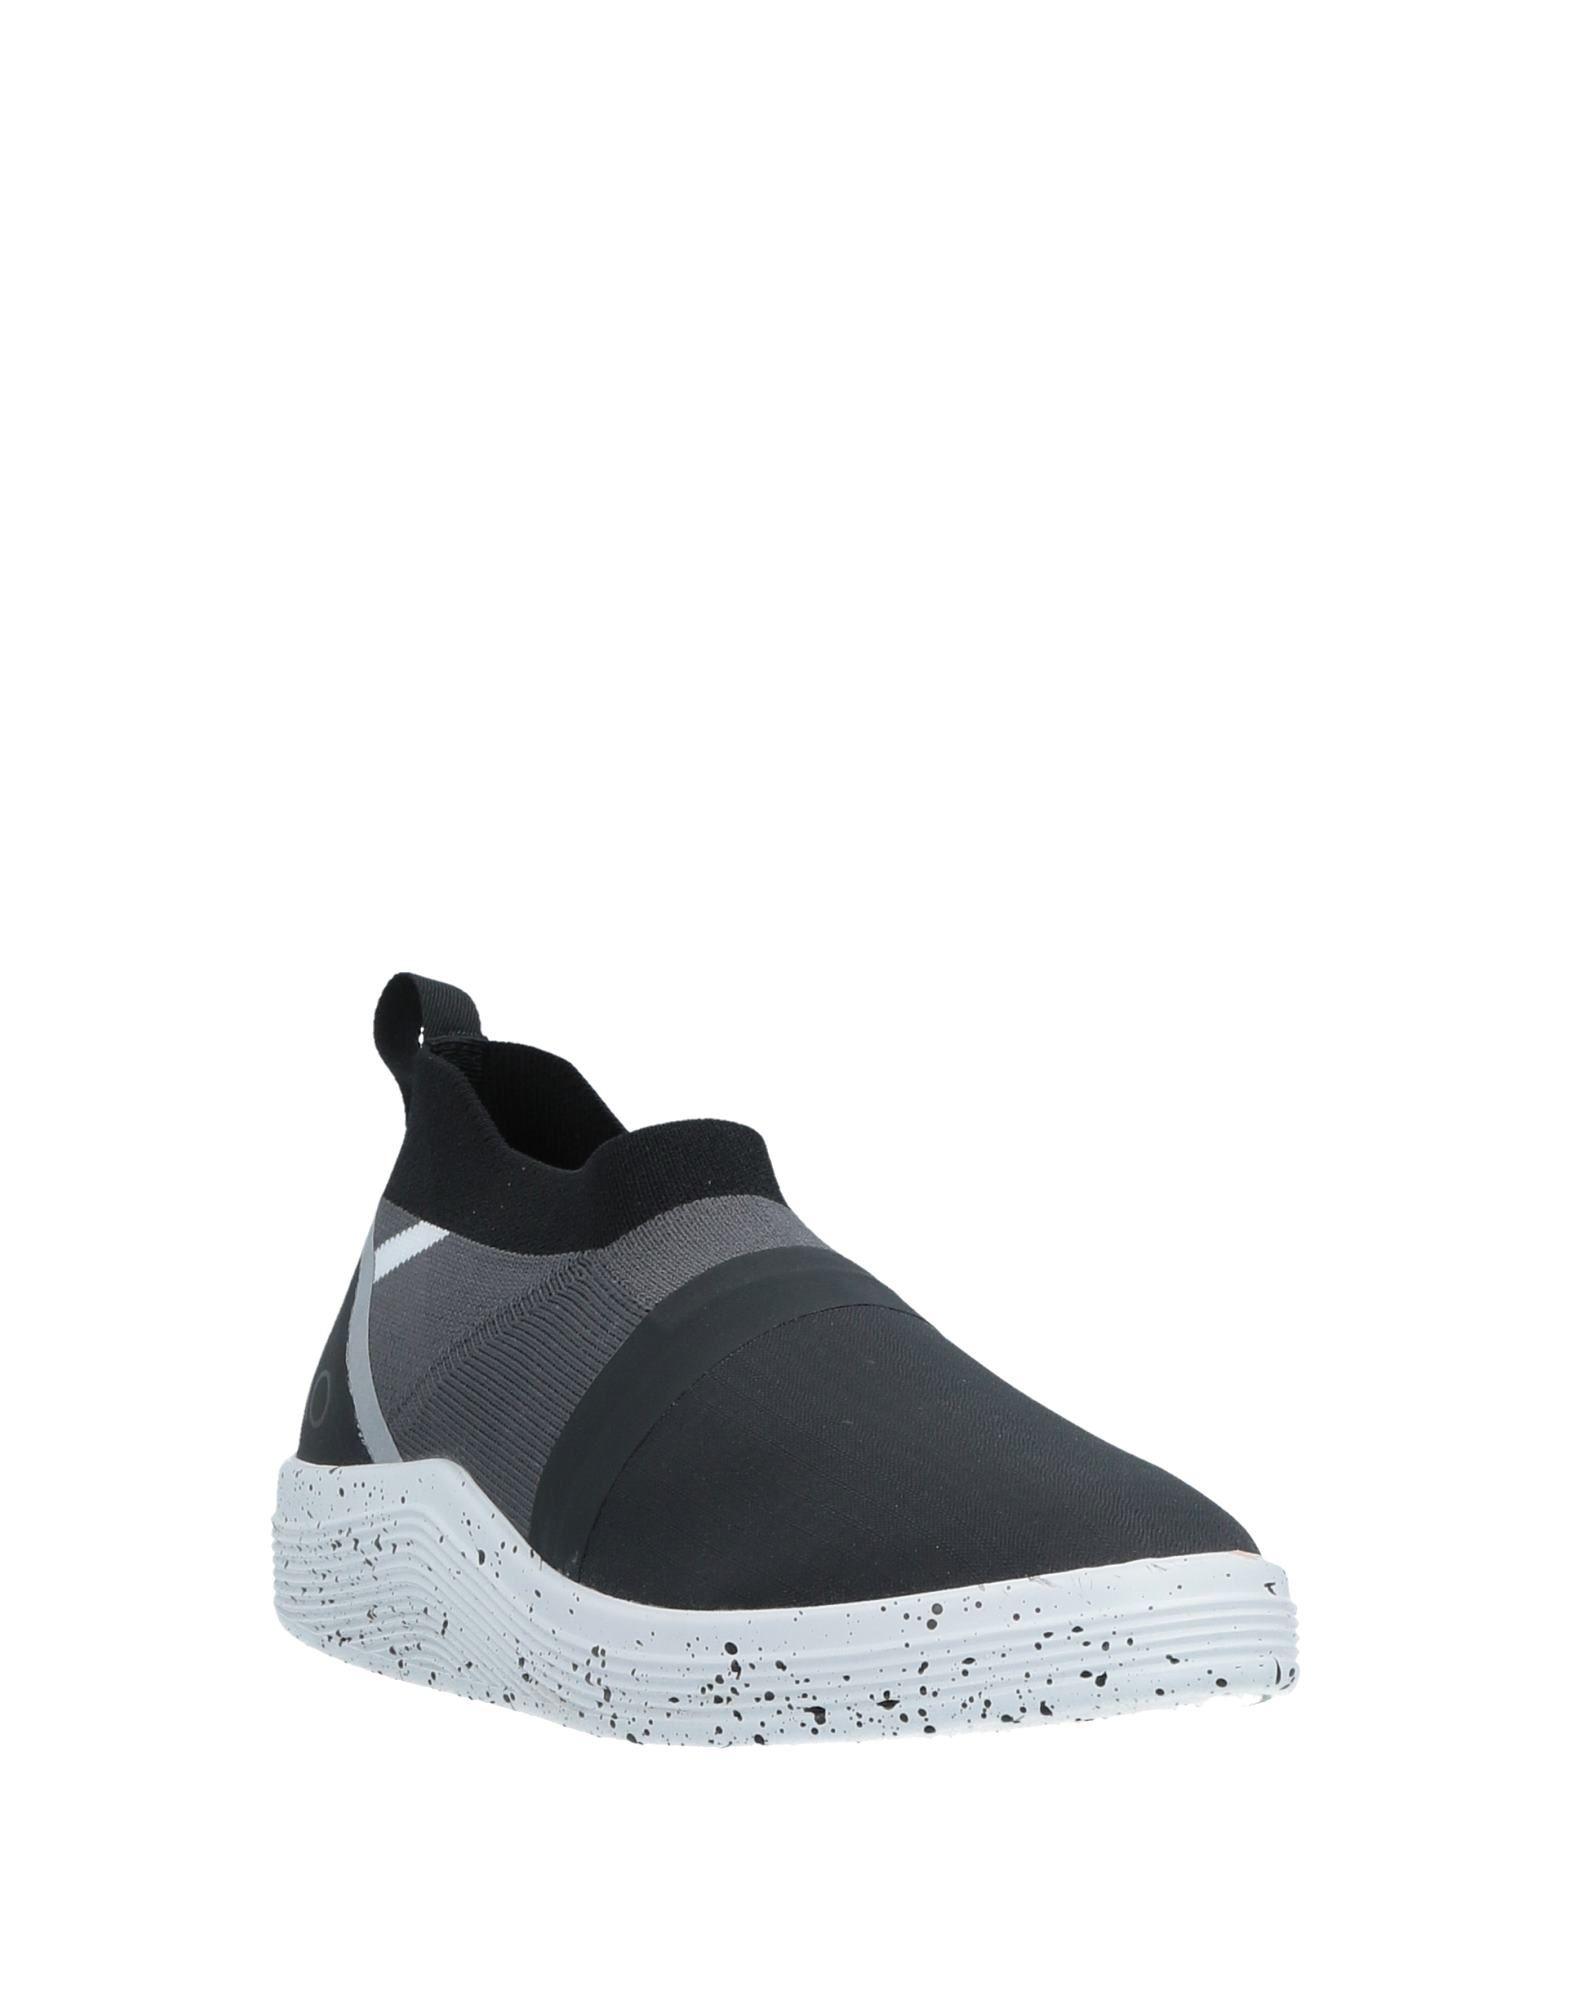 Neil Barrett Sneakers Damen Gutes Gutes Gutes Preis-Leistungs-Verhältnis, es lohnt sich 2888 0556a2